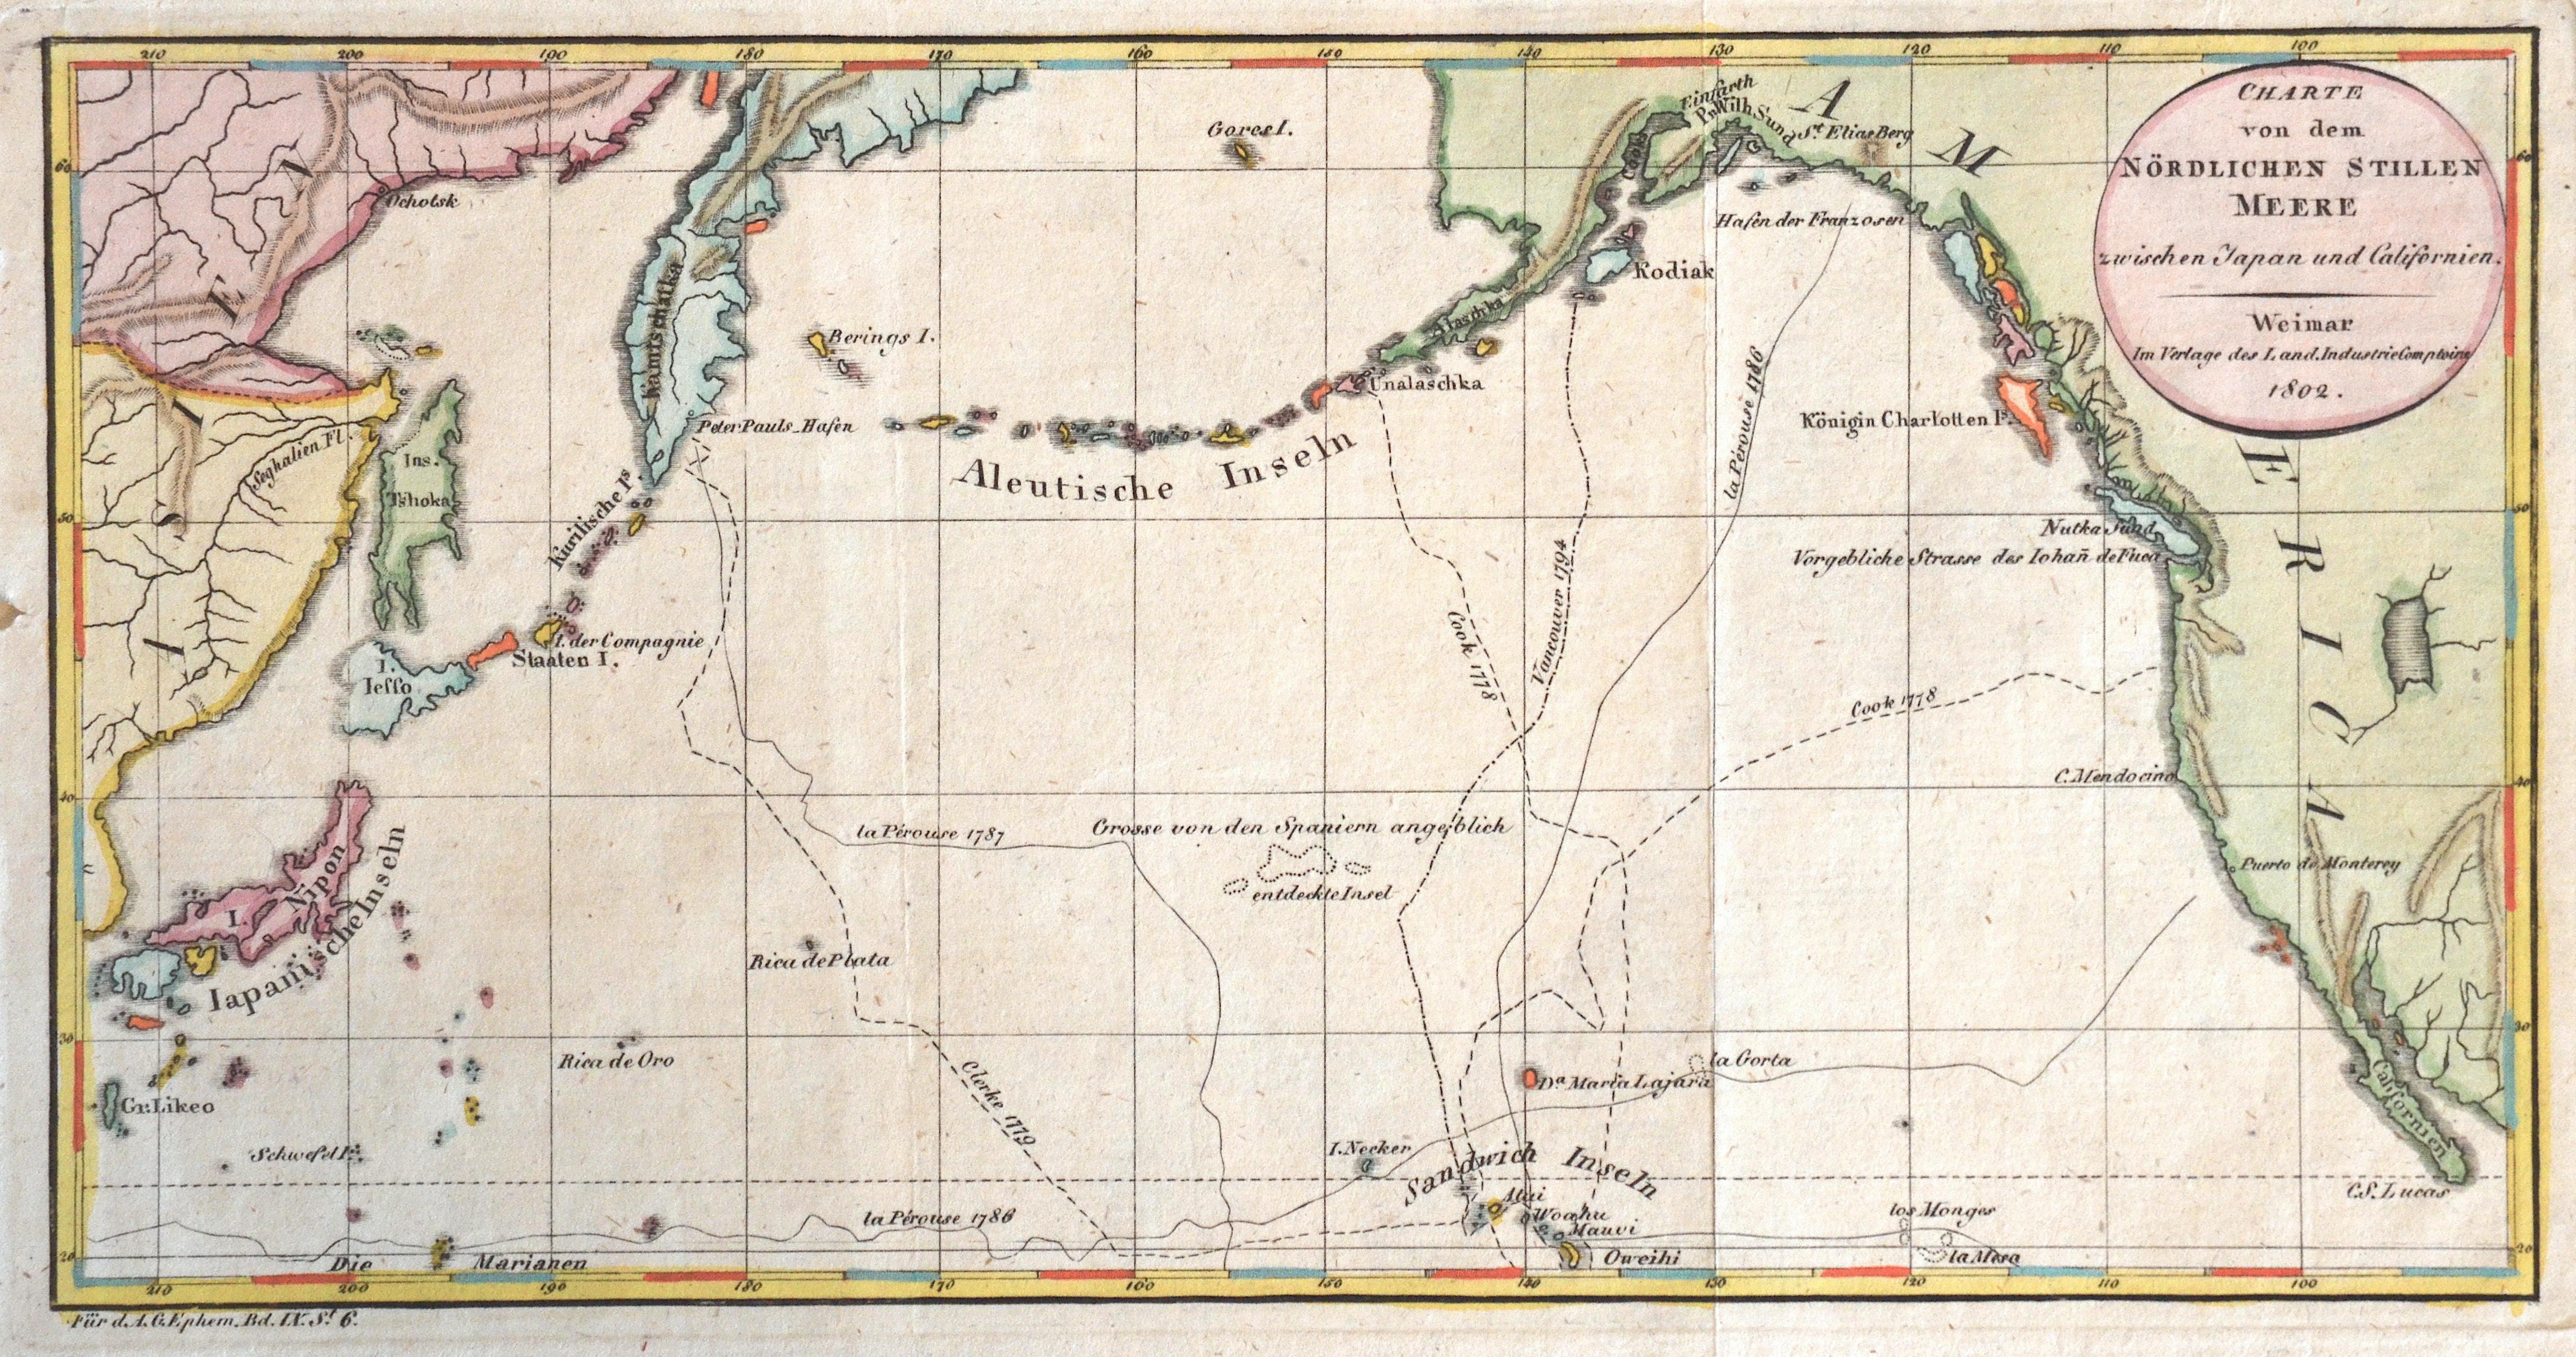 Ephem A. G. Charte von dem Nördlichen Stillen Meere zwischen Japan und Californien.